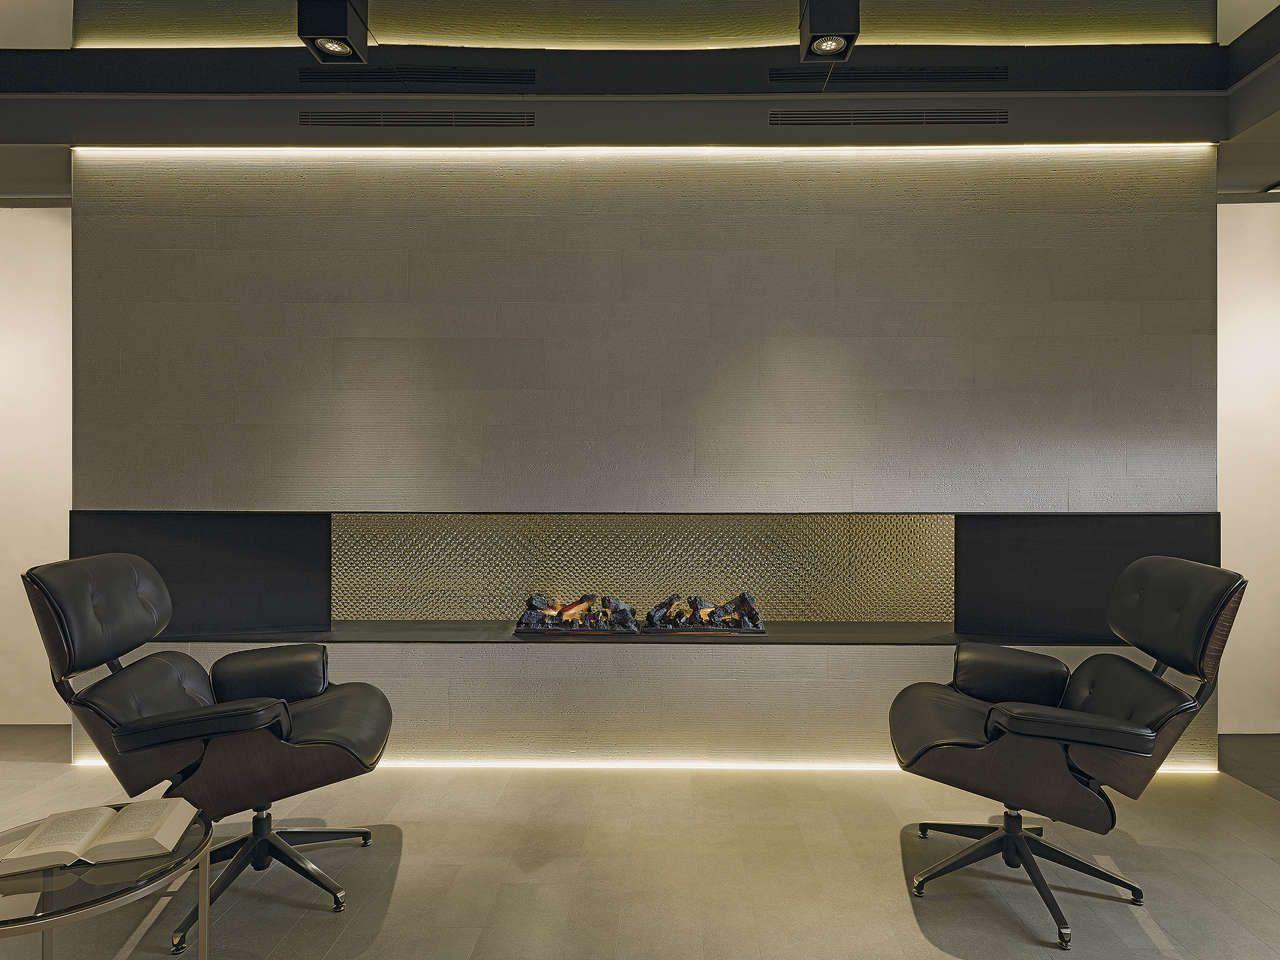 3d models bathroom accessories ceramic tiles venis artis - Concept Gris Lined Wall Tiles